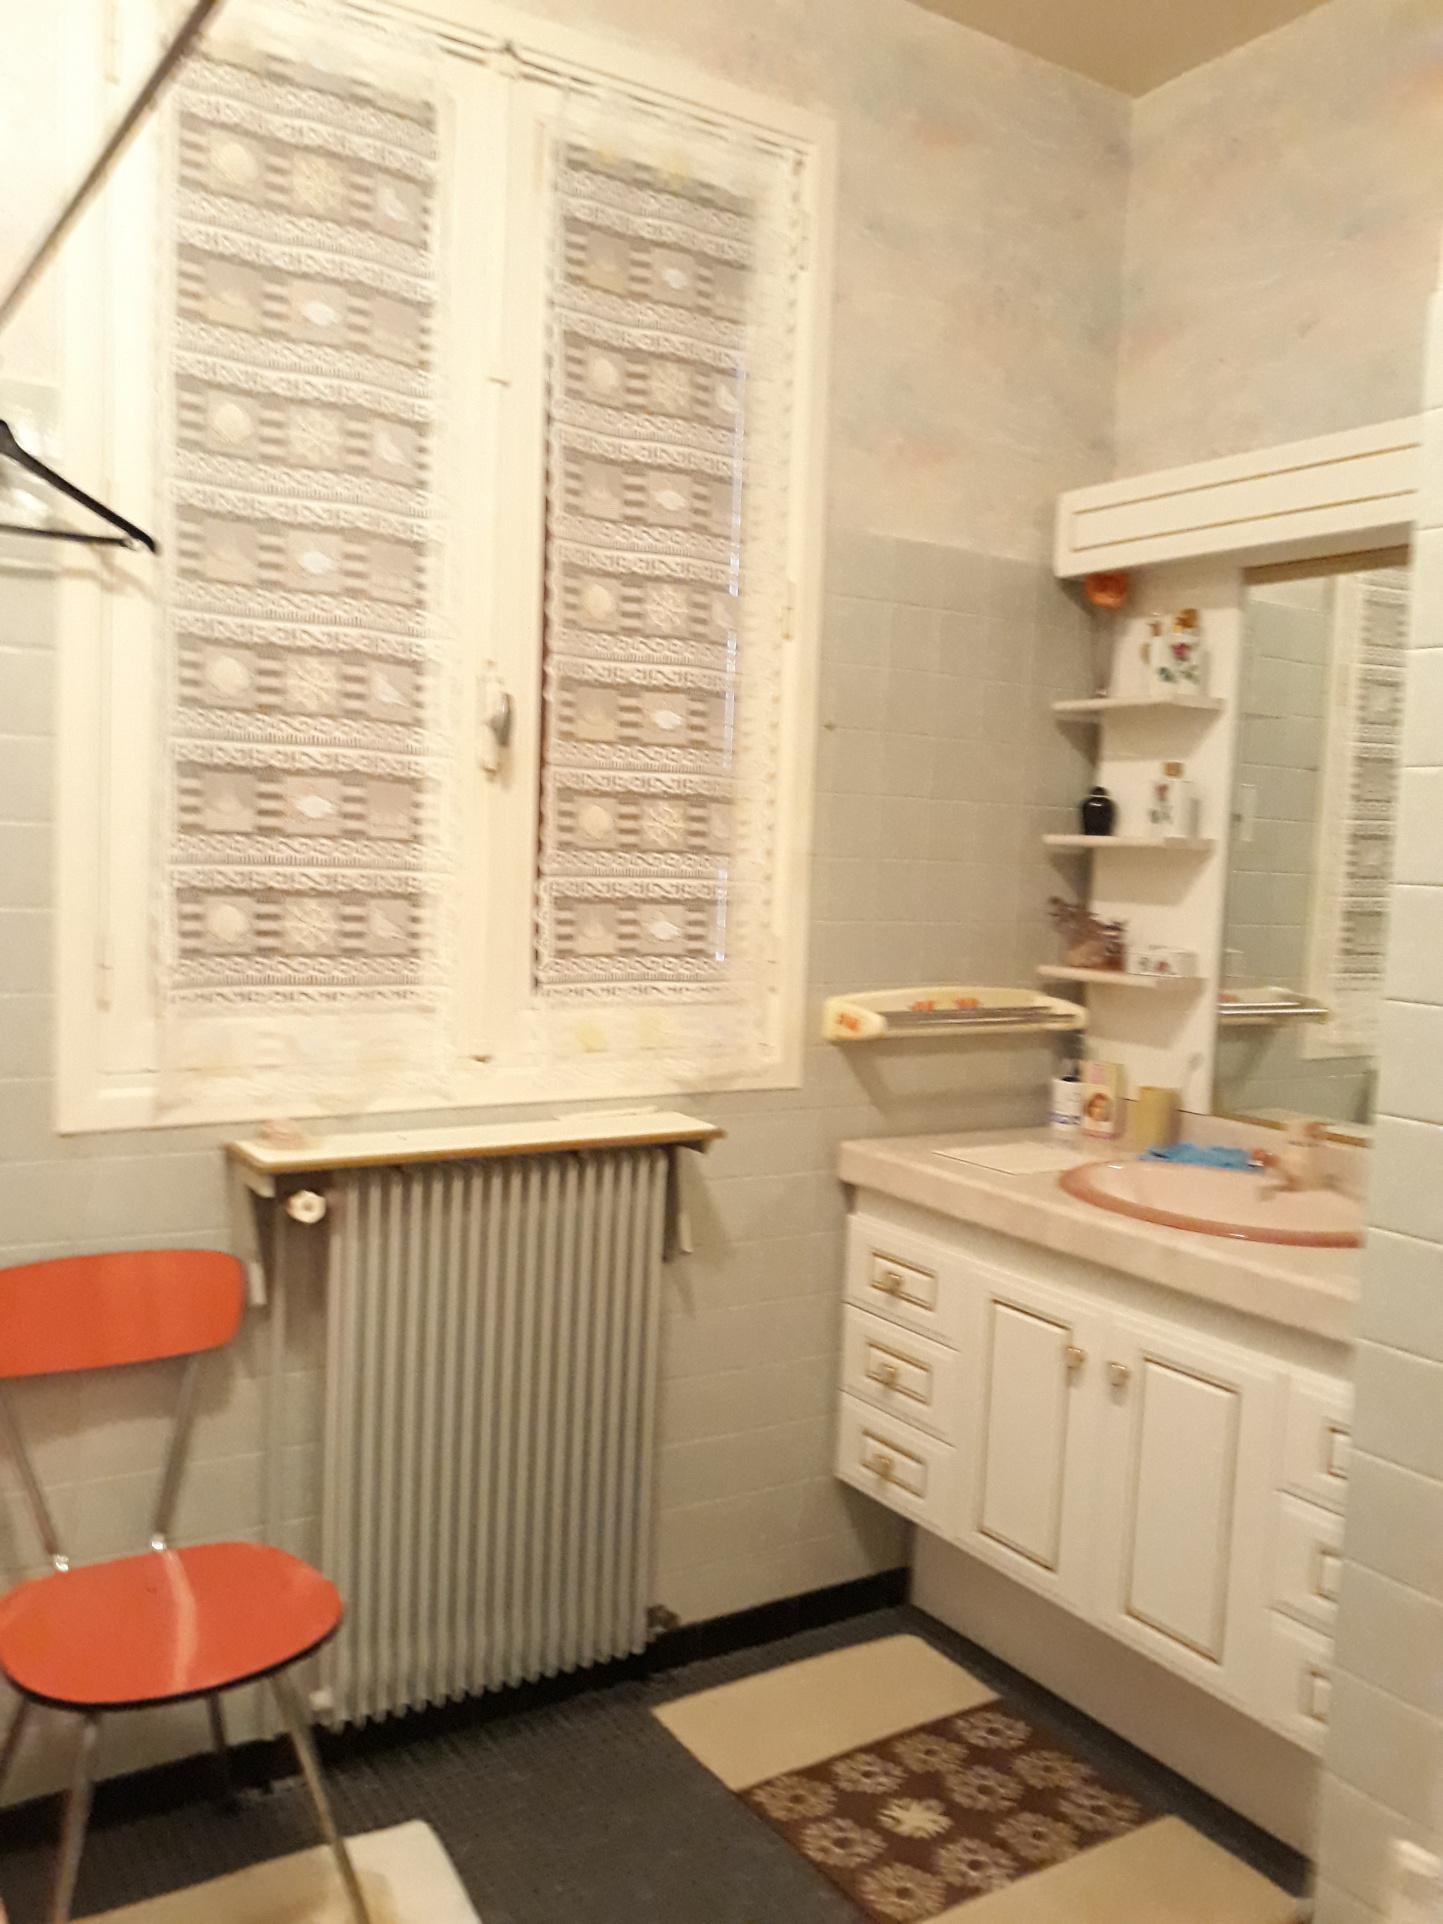 vente Belle maison d environ 150 m2 sur un terrain de 2900 m2